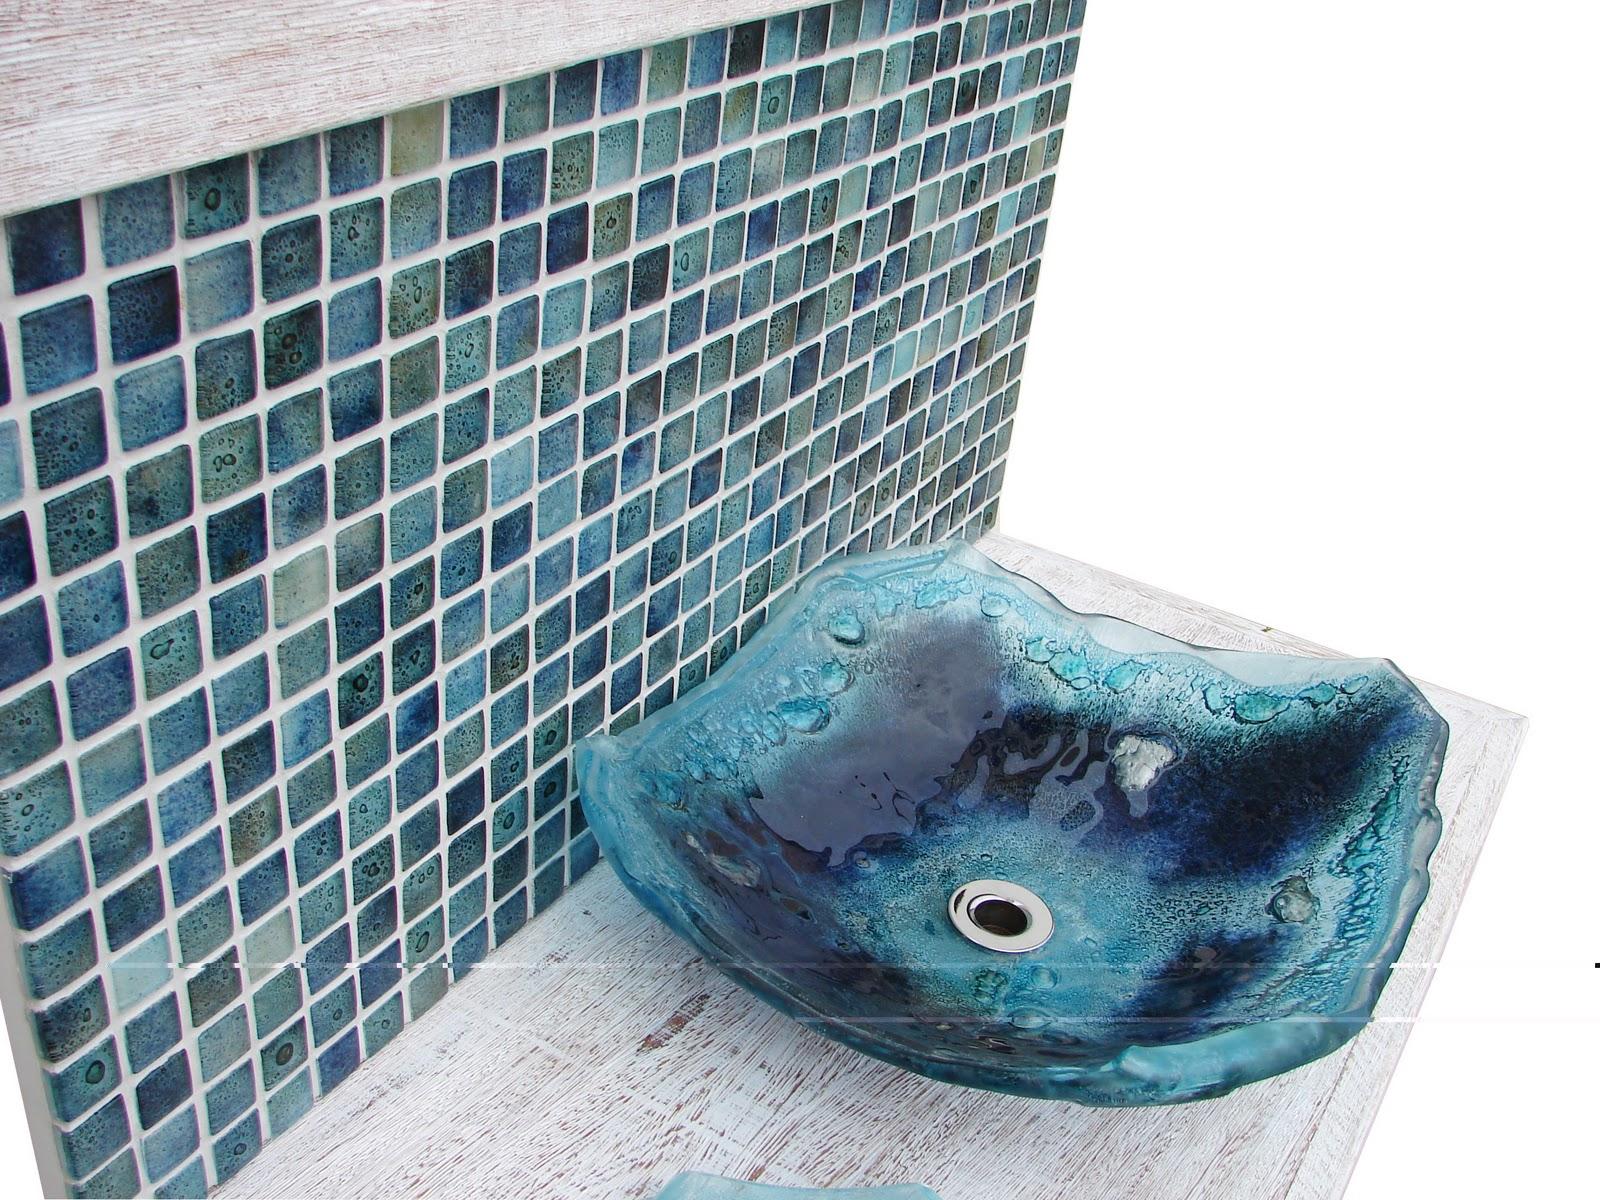 Ou a Glass Mosaic Miscelânia 1 5x 1 5 ( essa foto na meia estranha ao  #3E7C8D 1600x1200 Banheiro Com Cuba Azul